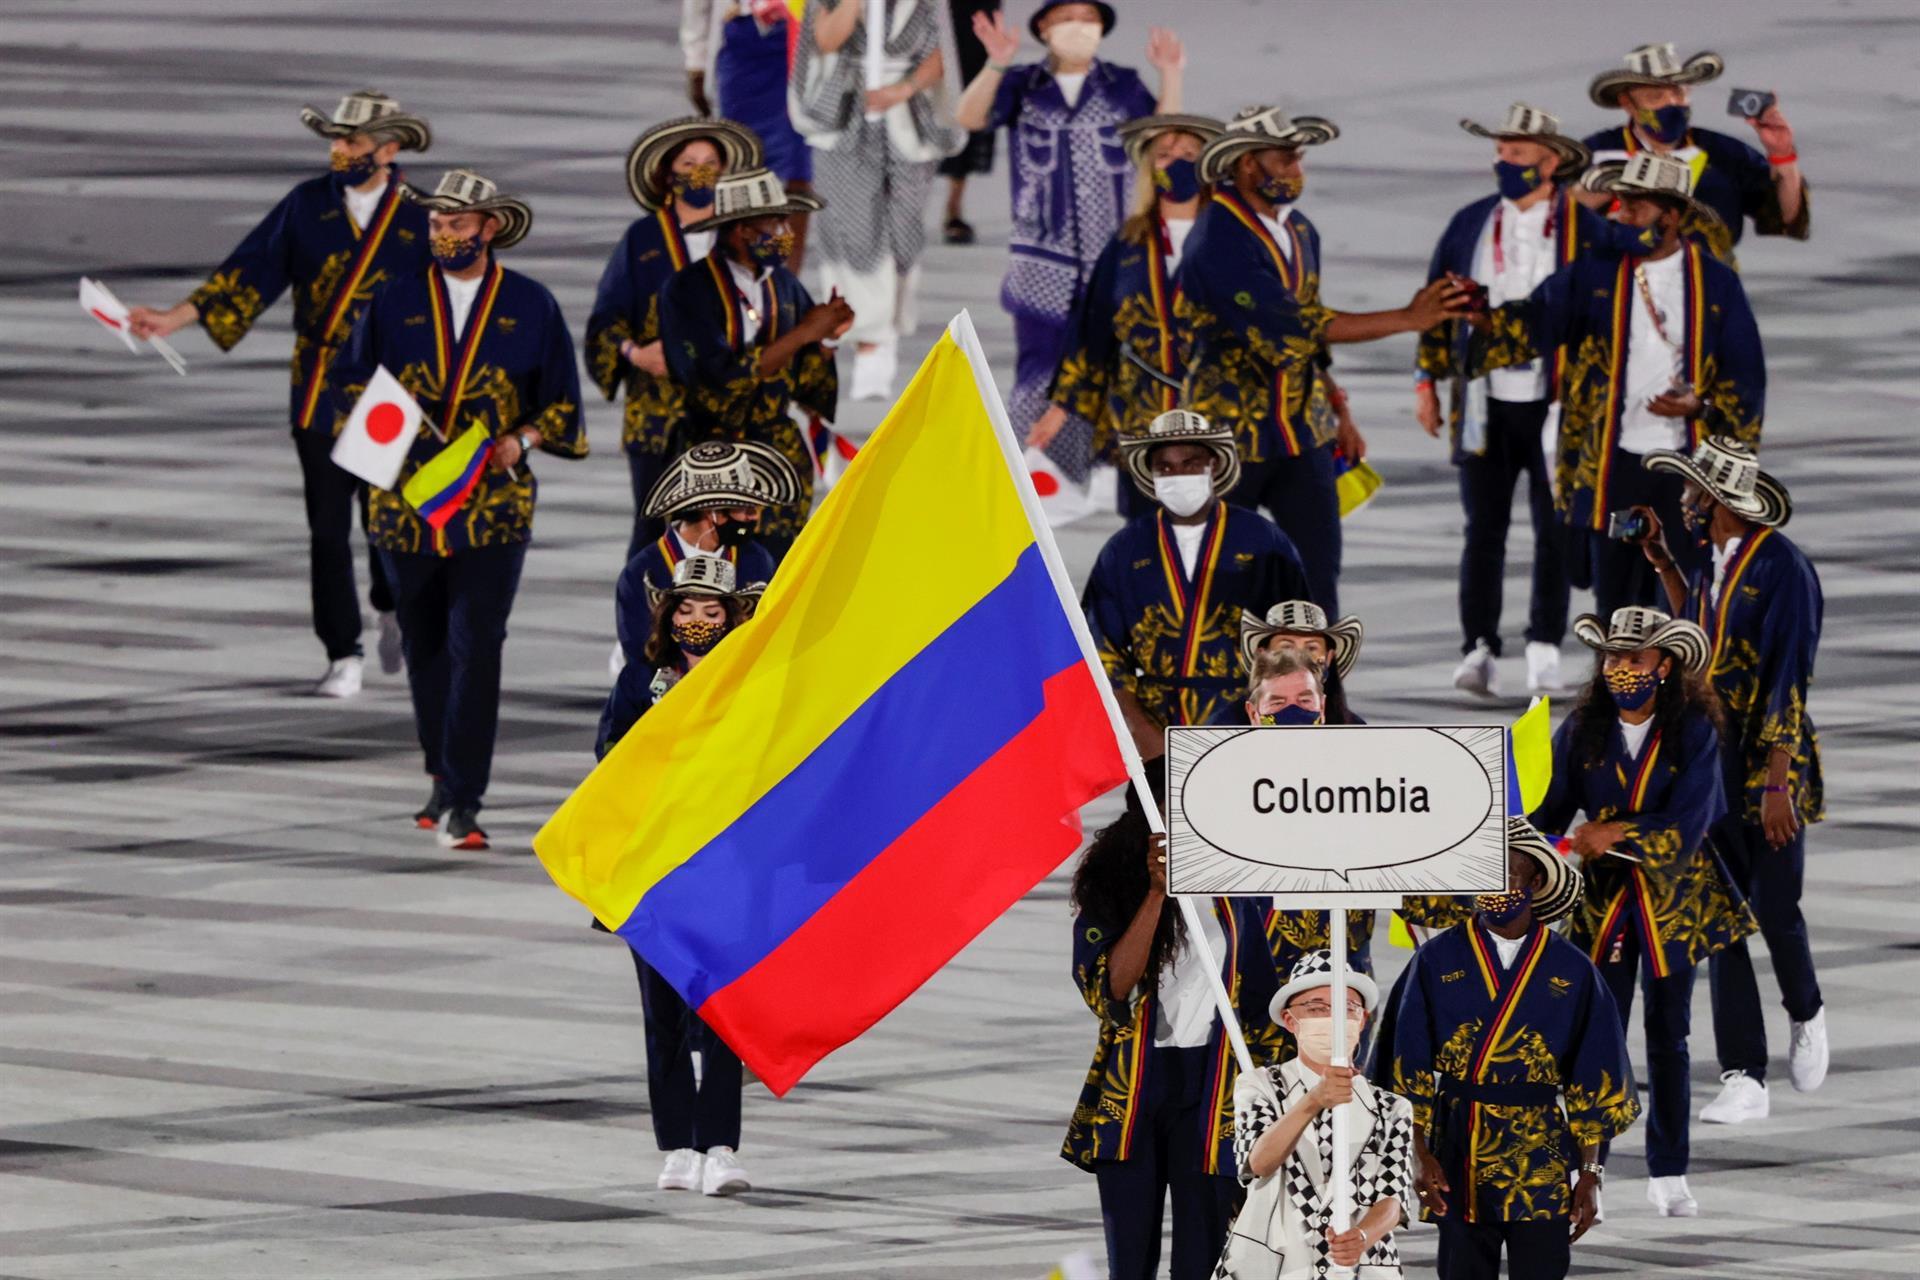 Con la ceremonia inaugural, se dio inició a los Juegos Olímpicos Tokio